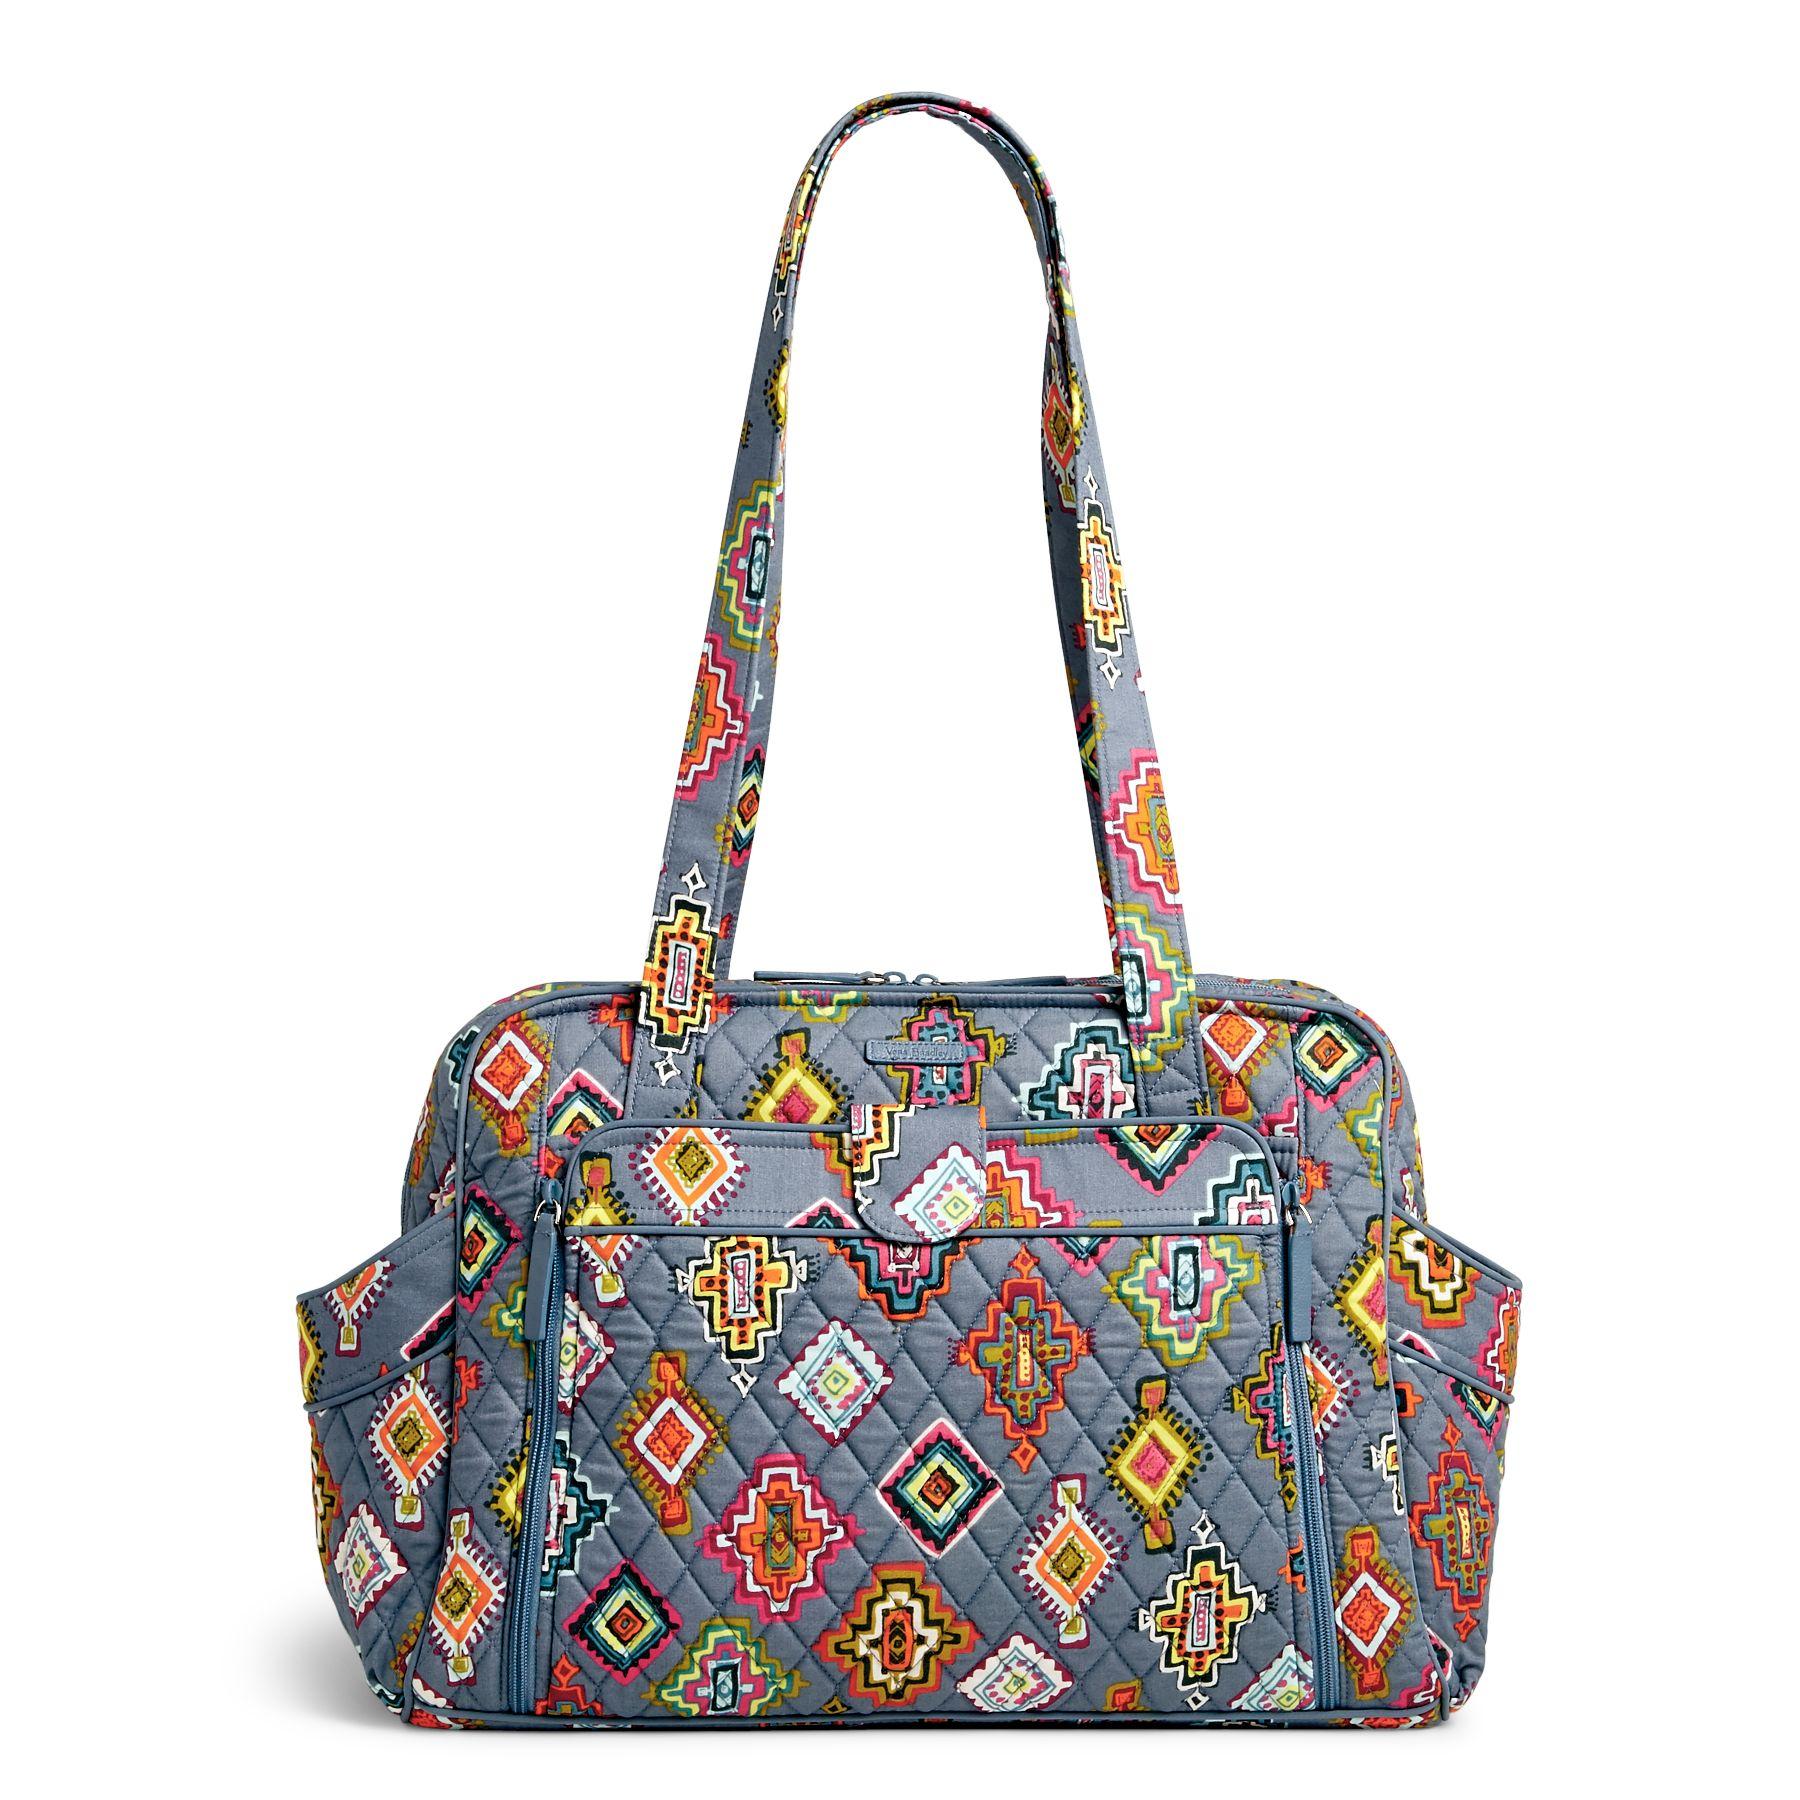 Vera Bradley Stroll Around Baby Bag in